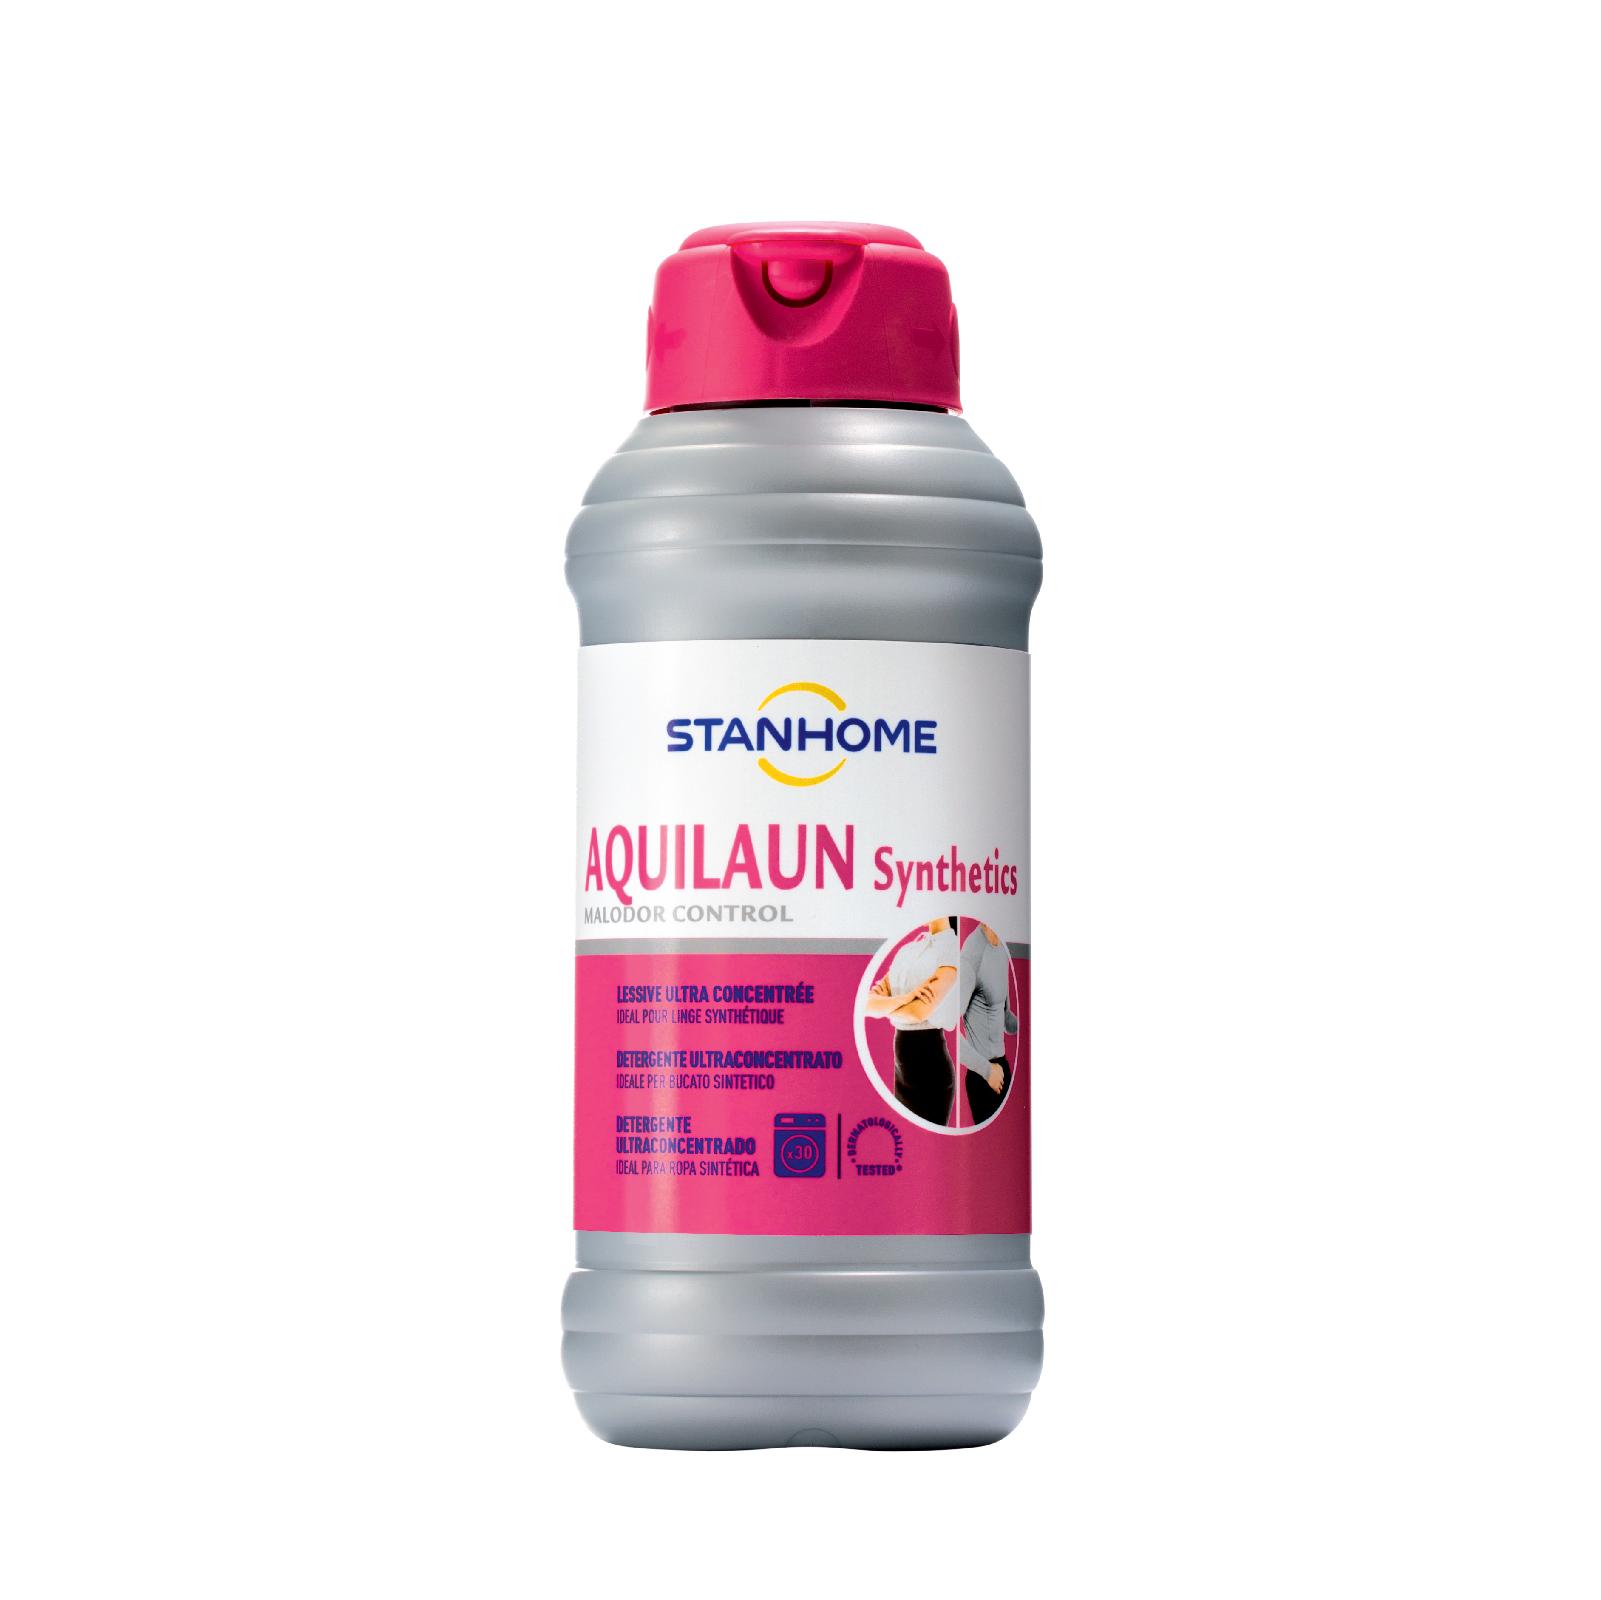 Nước giặt đậm đặc khử mùi, giảm tĩnh điện cho quần áo Stanhome Aquilaun Synthetics 750ml